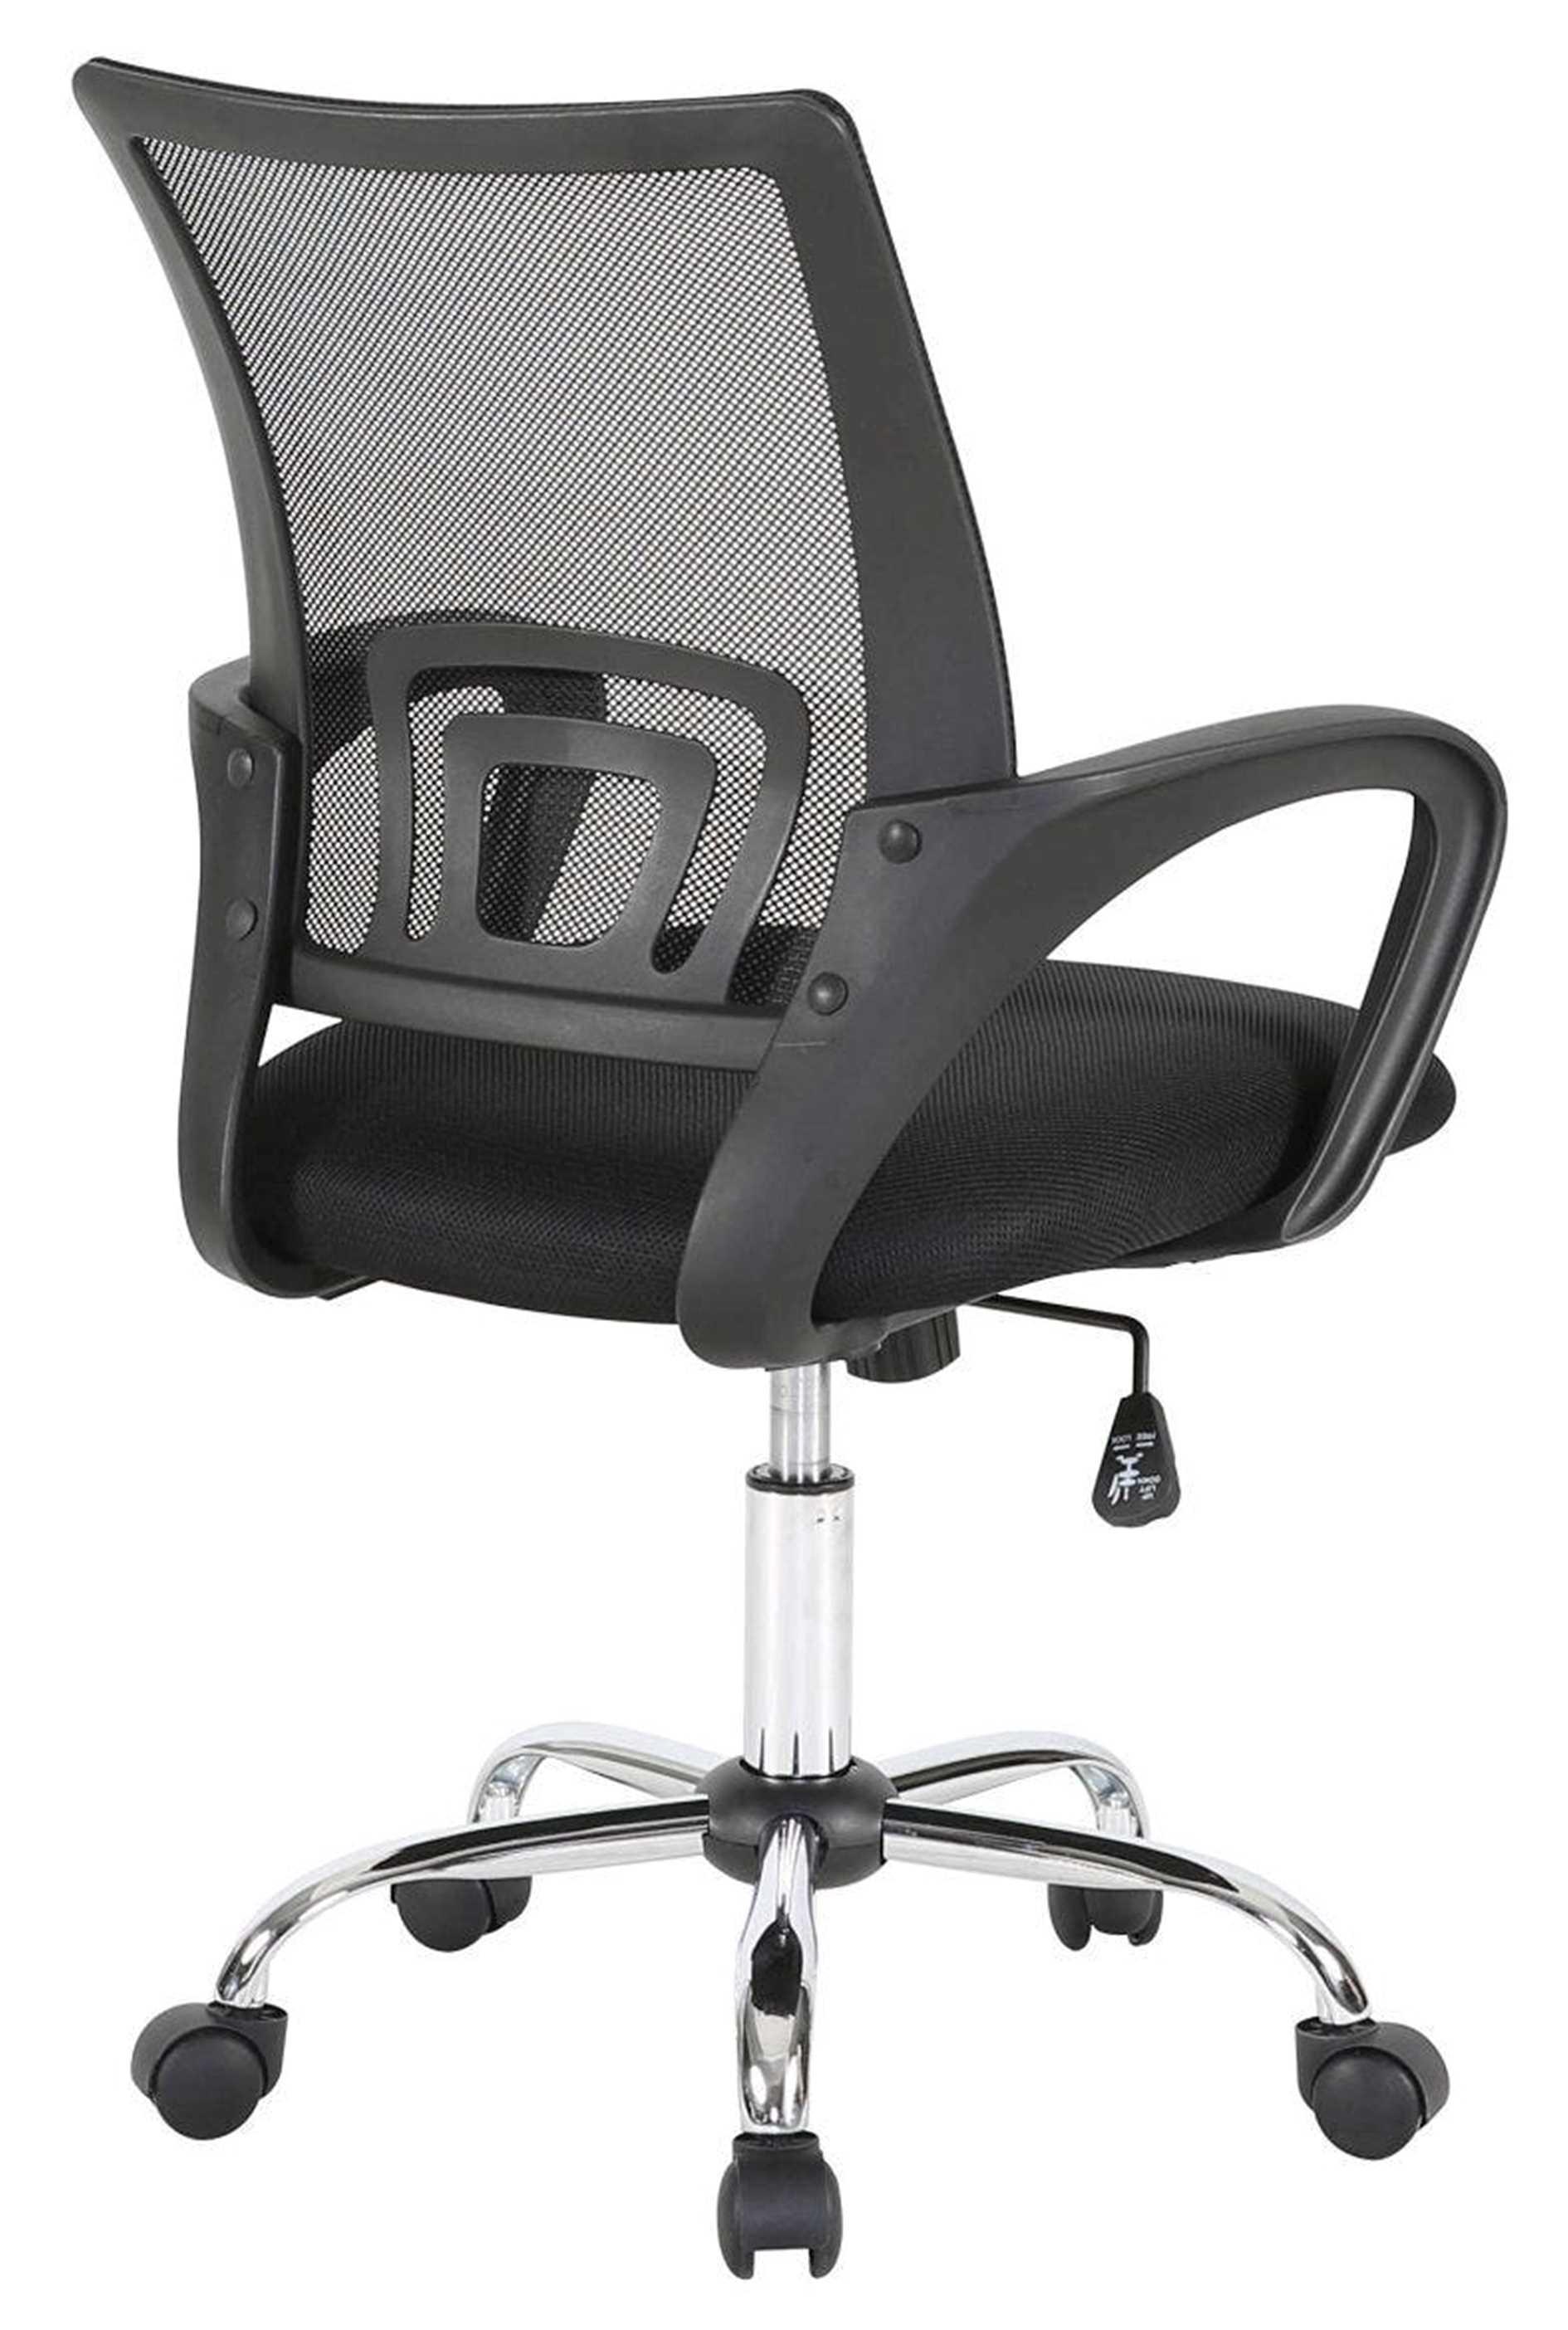 כסא ארגונומי משרדי דגם LOUIS לואיס - תמונה 3